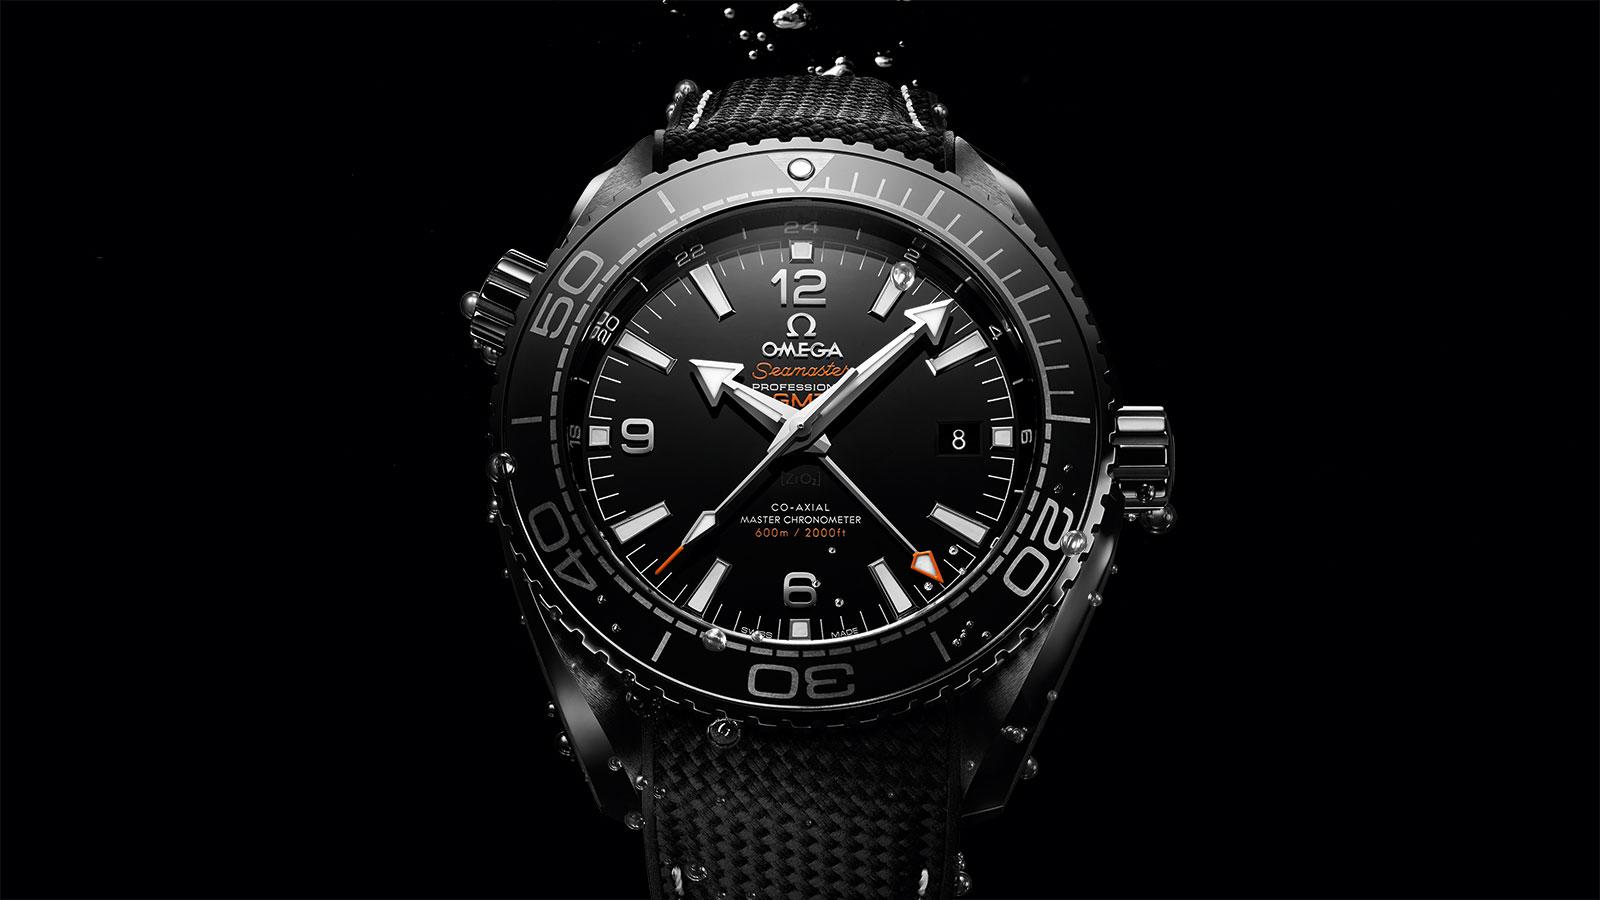 Seamaster 海洋宇宙600米腕表 海洋宇宙600米 欧米茄45.5毫米至臻天文台GMT腕表 腕表 - 215.92.46.22.01.001